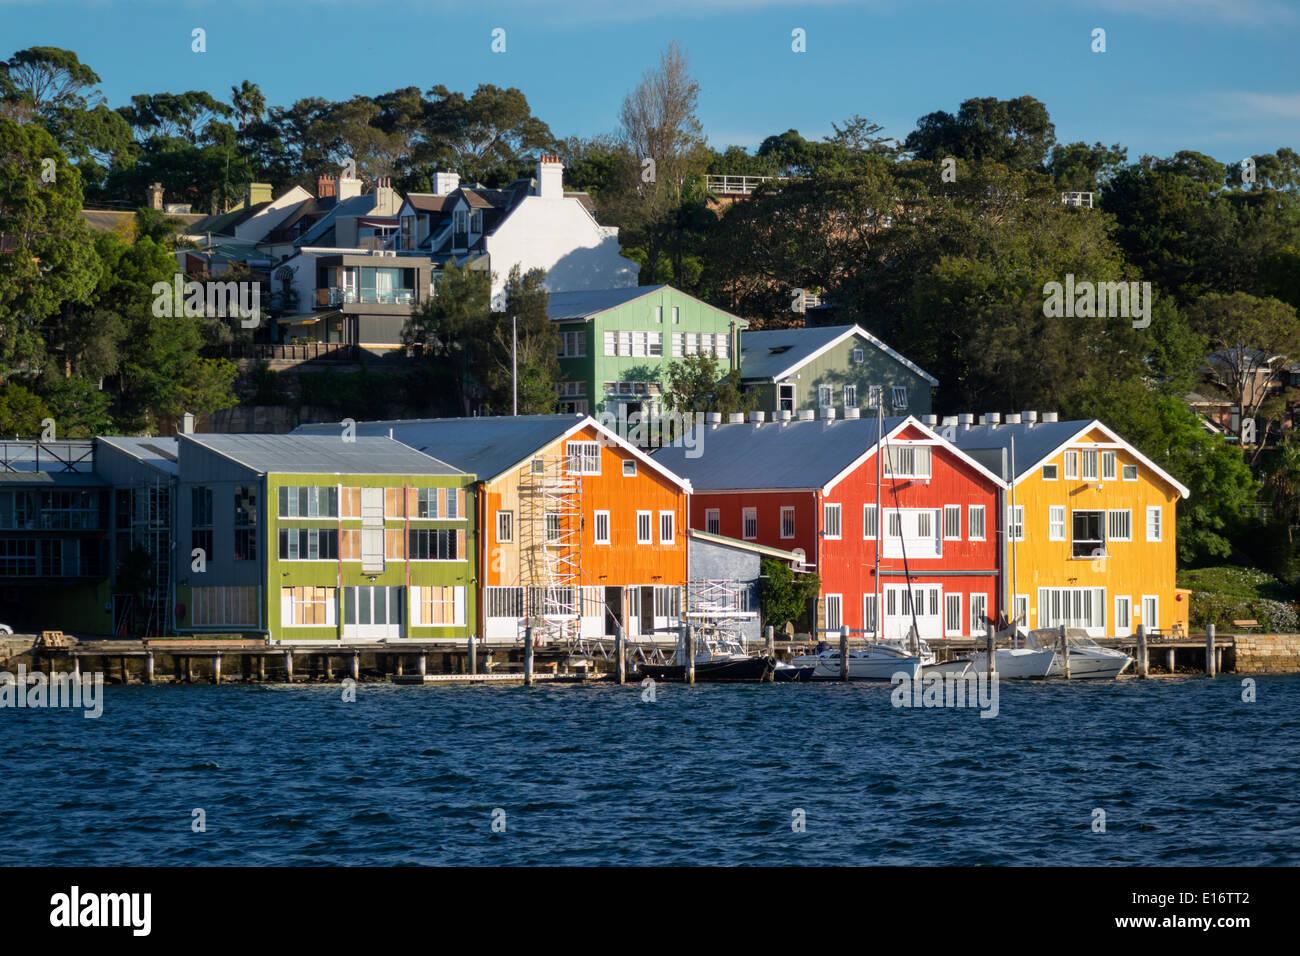 Homes For Sale Balmain Sydney